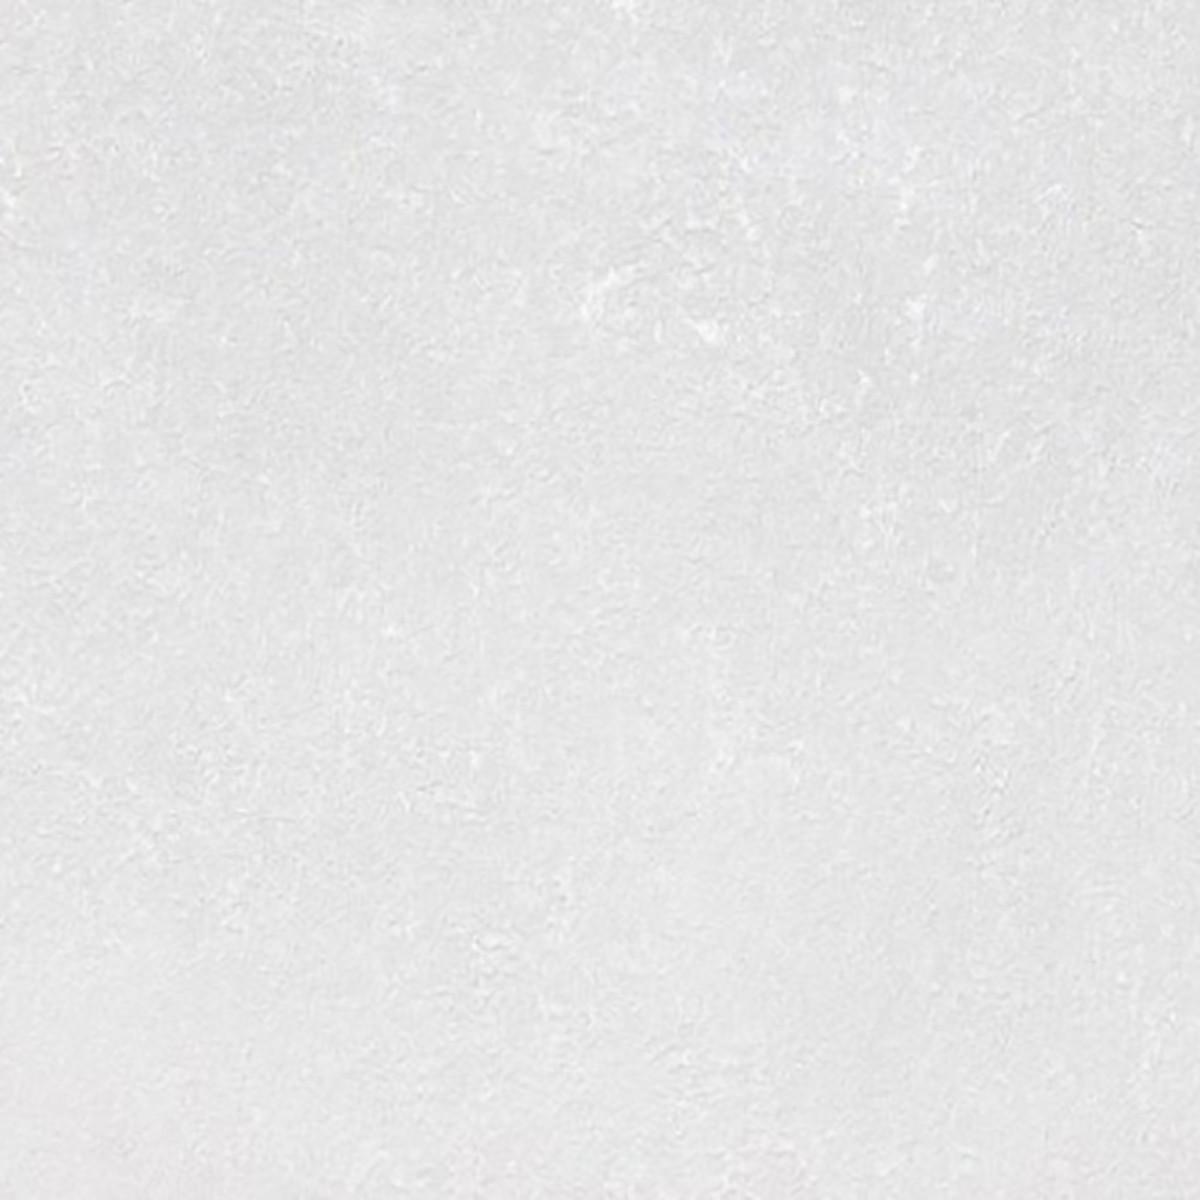 Обои флизелиновые Мир Авангард фиолетовые 1.06 м 45-185-07